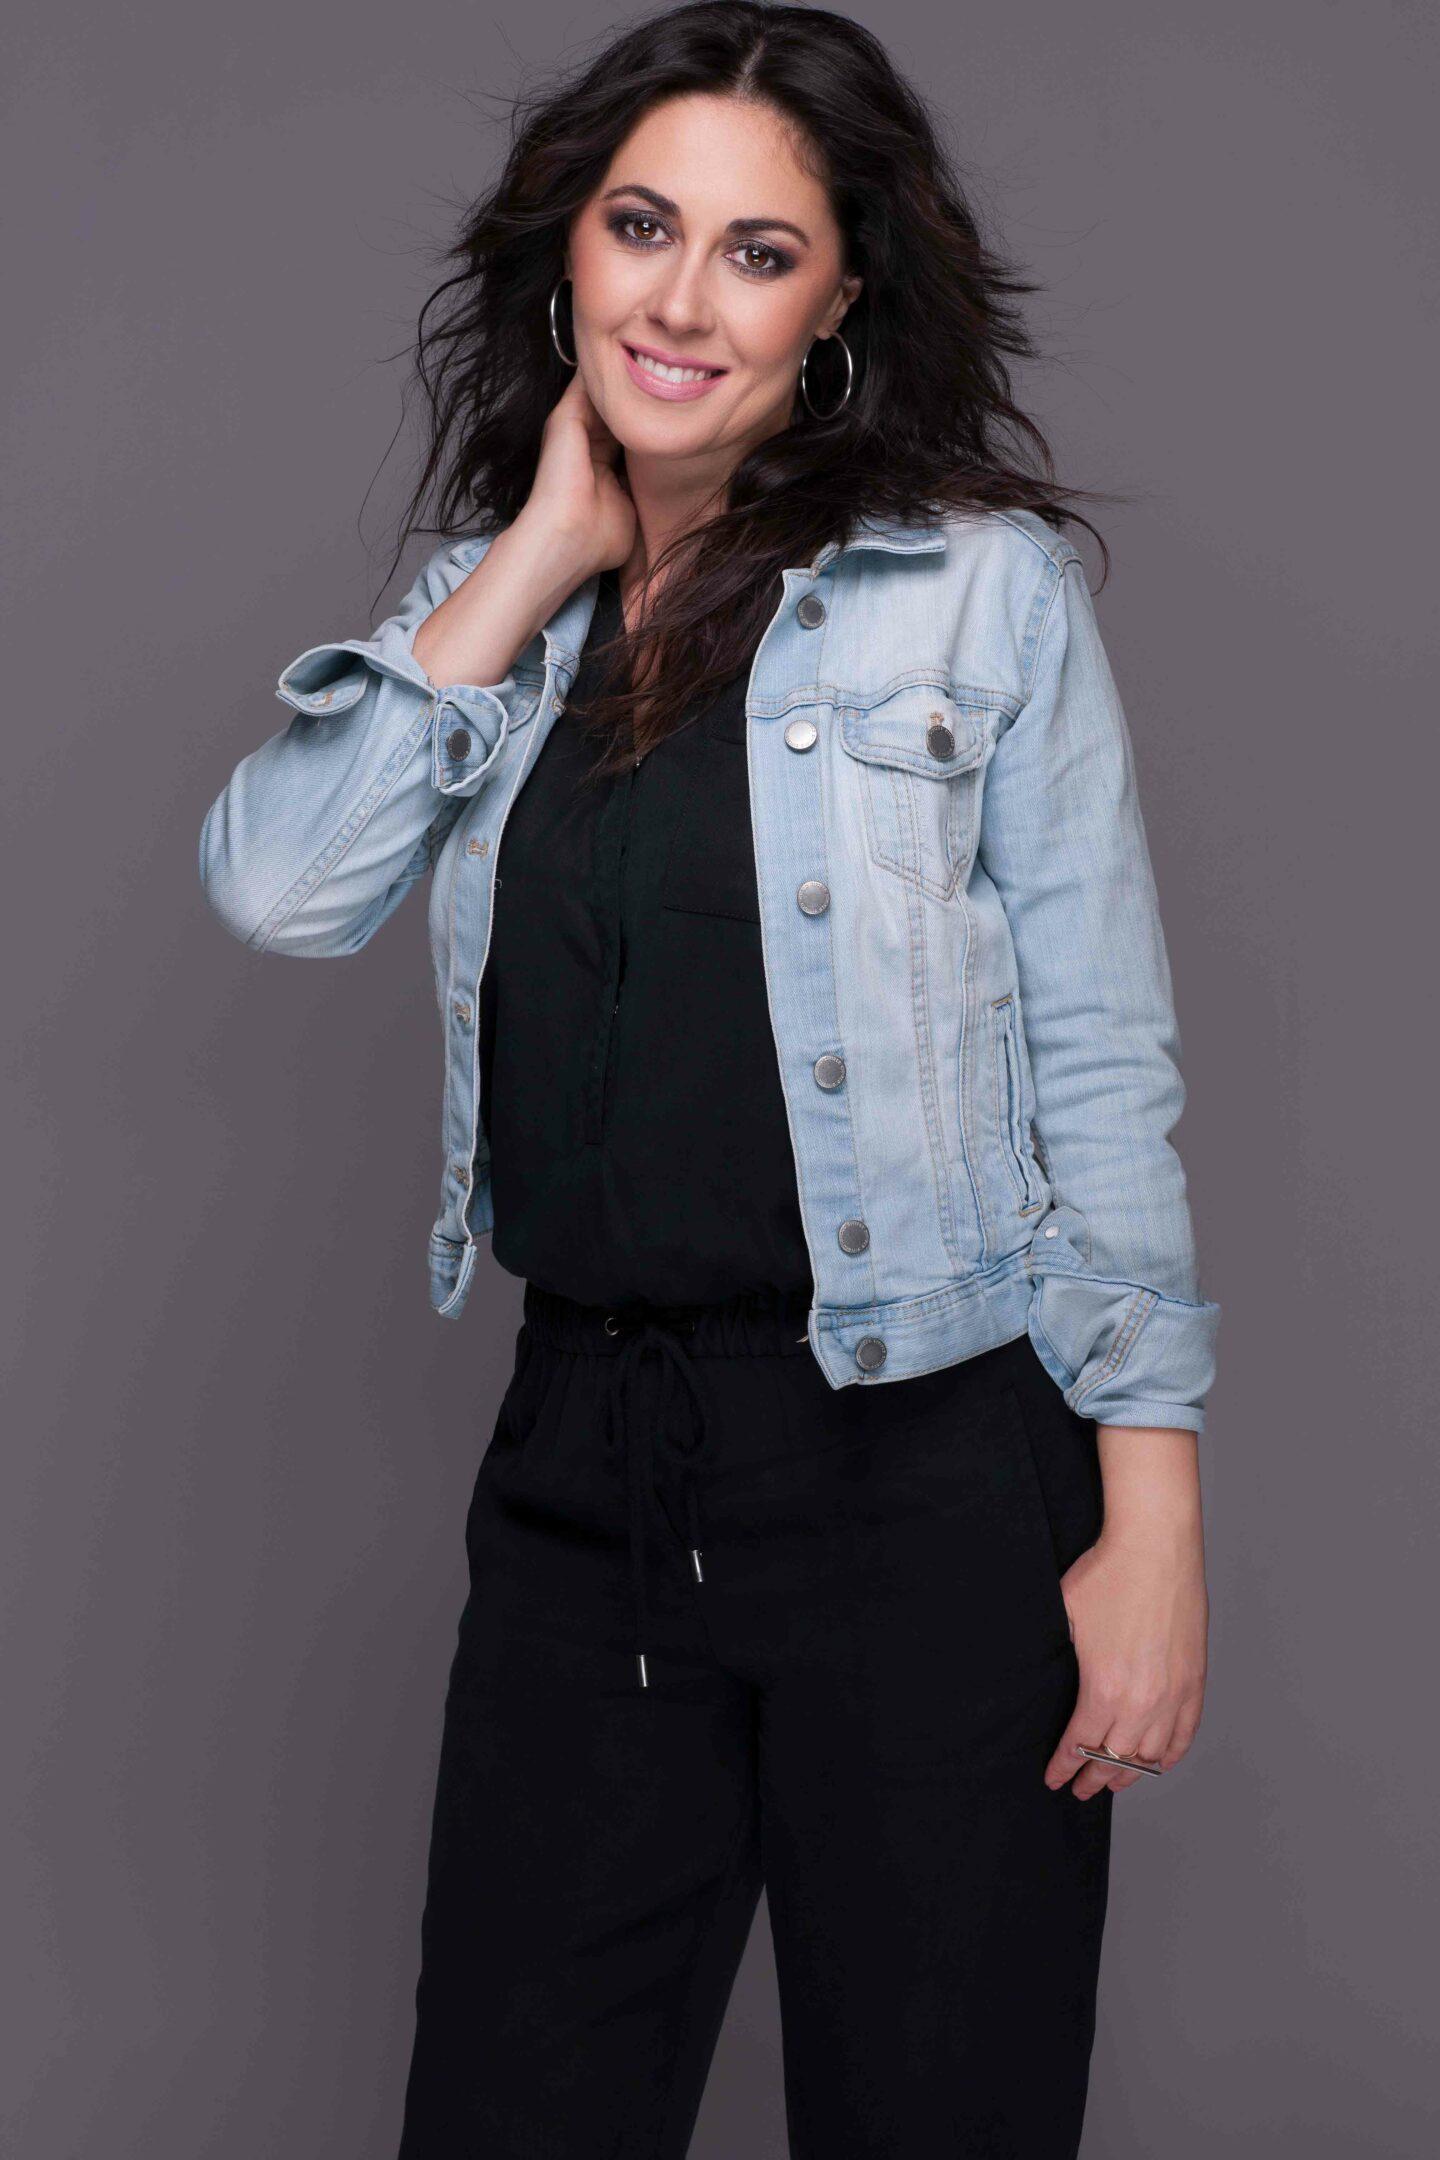 Tina Frank, Fotocredit Anelia Janeva